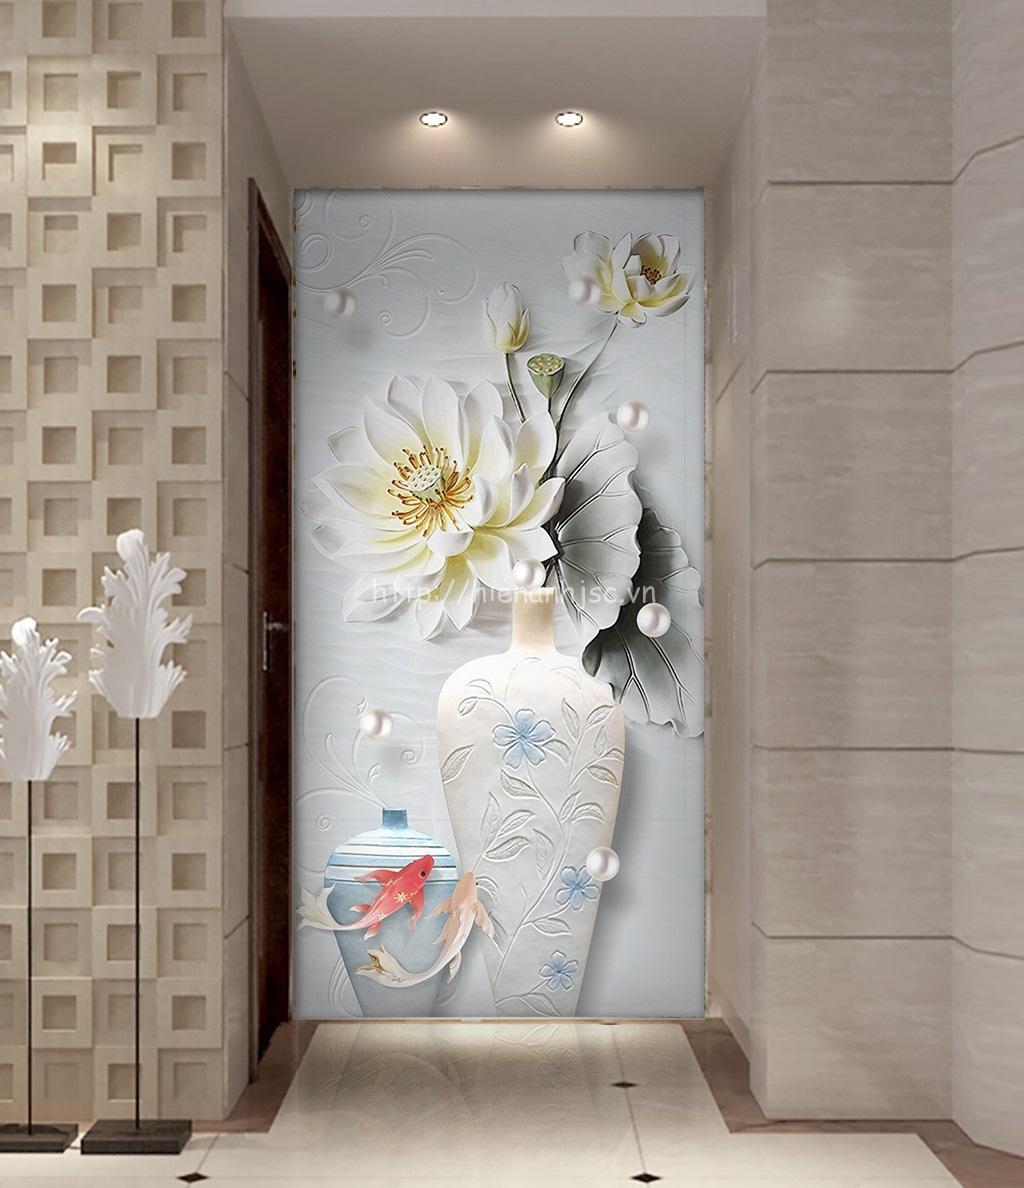 Tranh dán tường 5D - Tranh hành lang bình hoa sen, cá chép 5D189